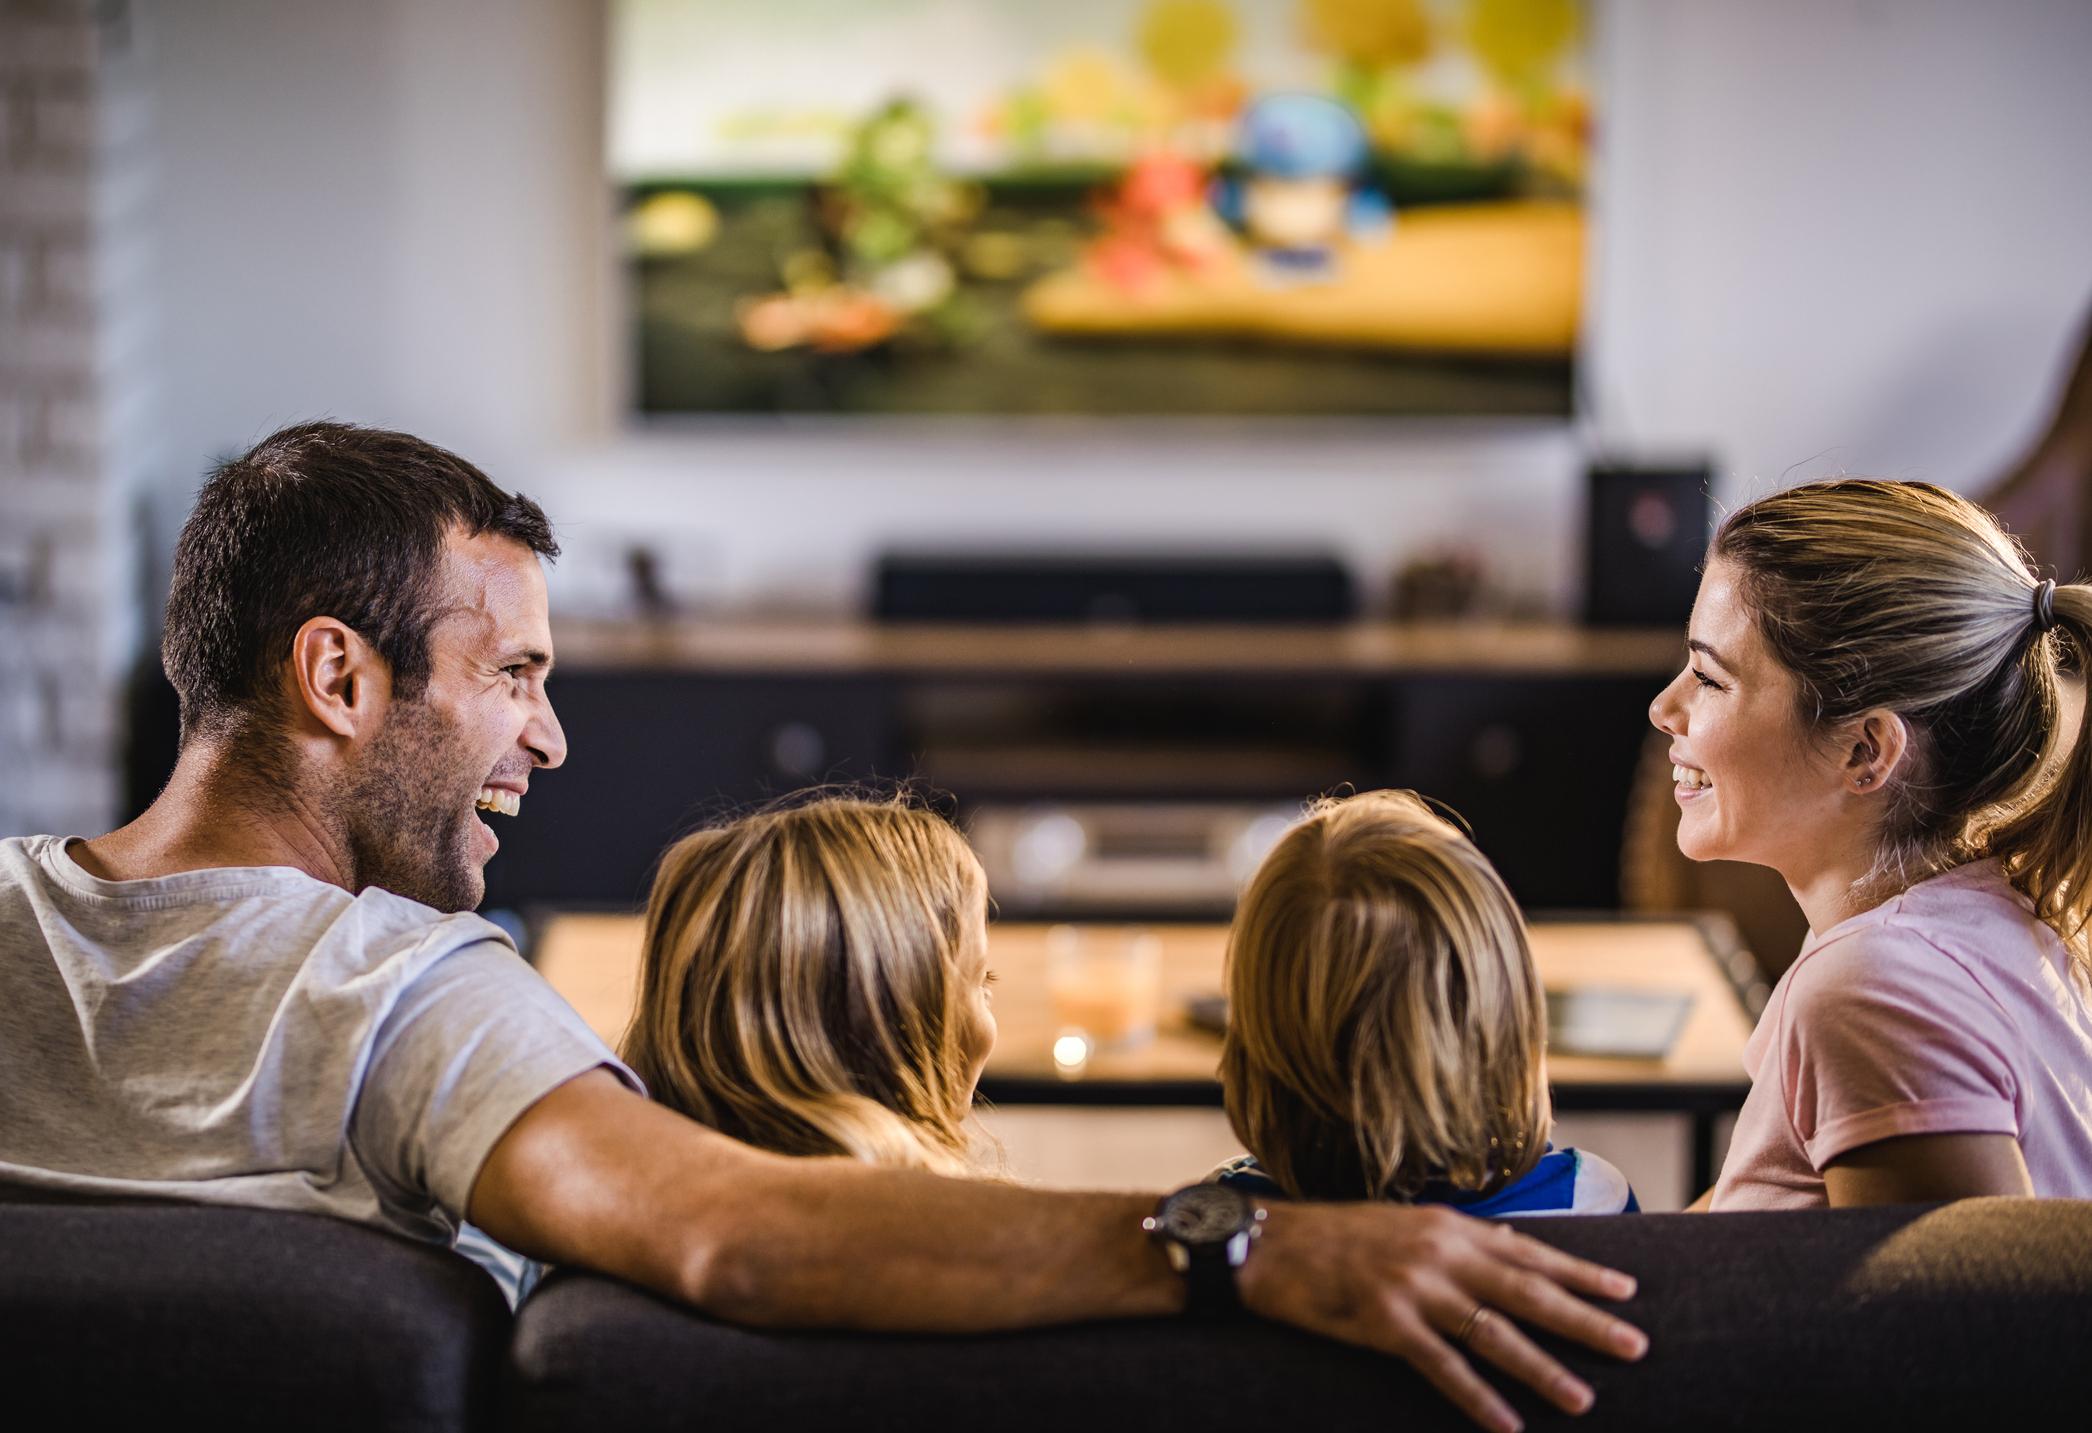 Смотреть ТВ / watch TV